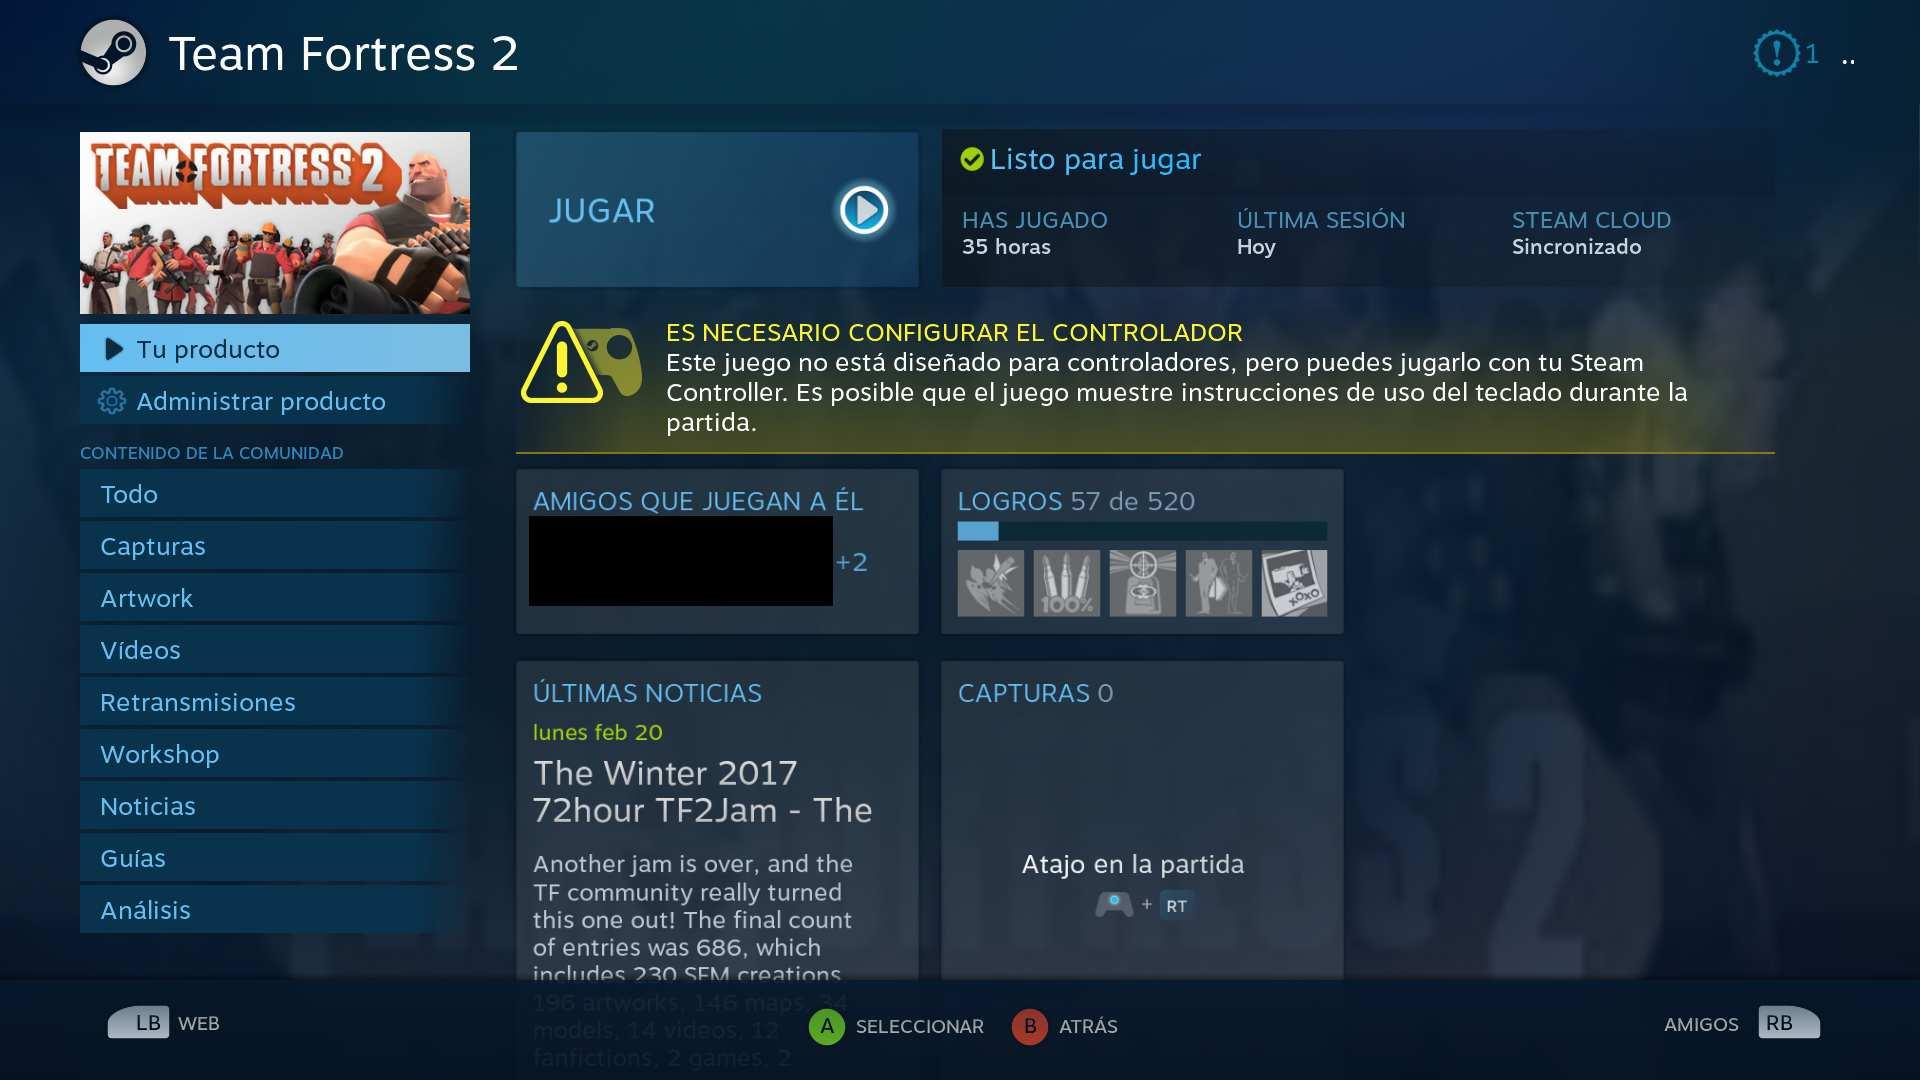 Aviso de que juego no es compatible por defecto con Steam Controller